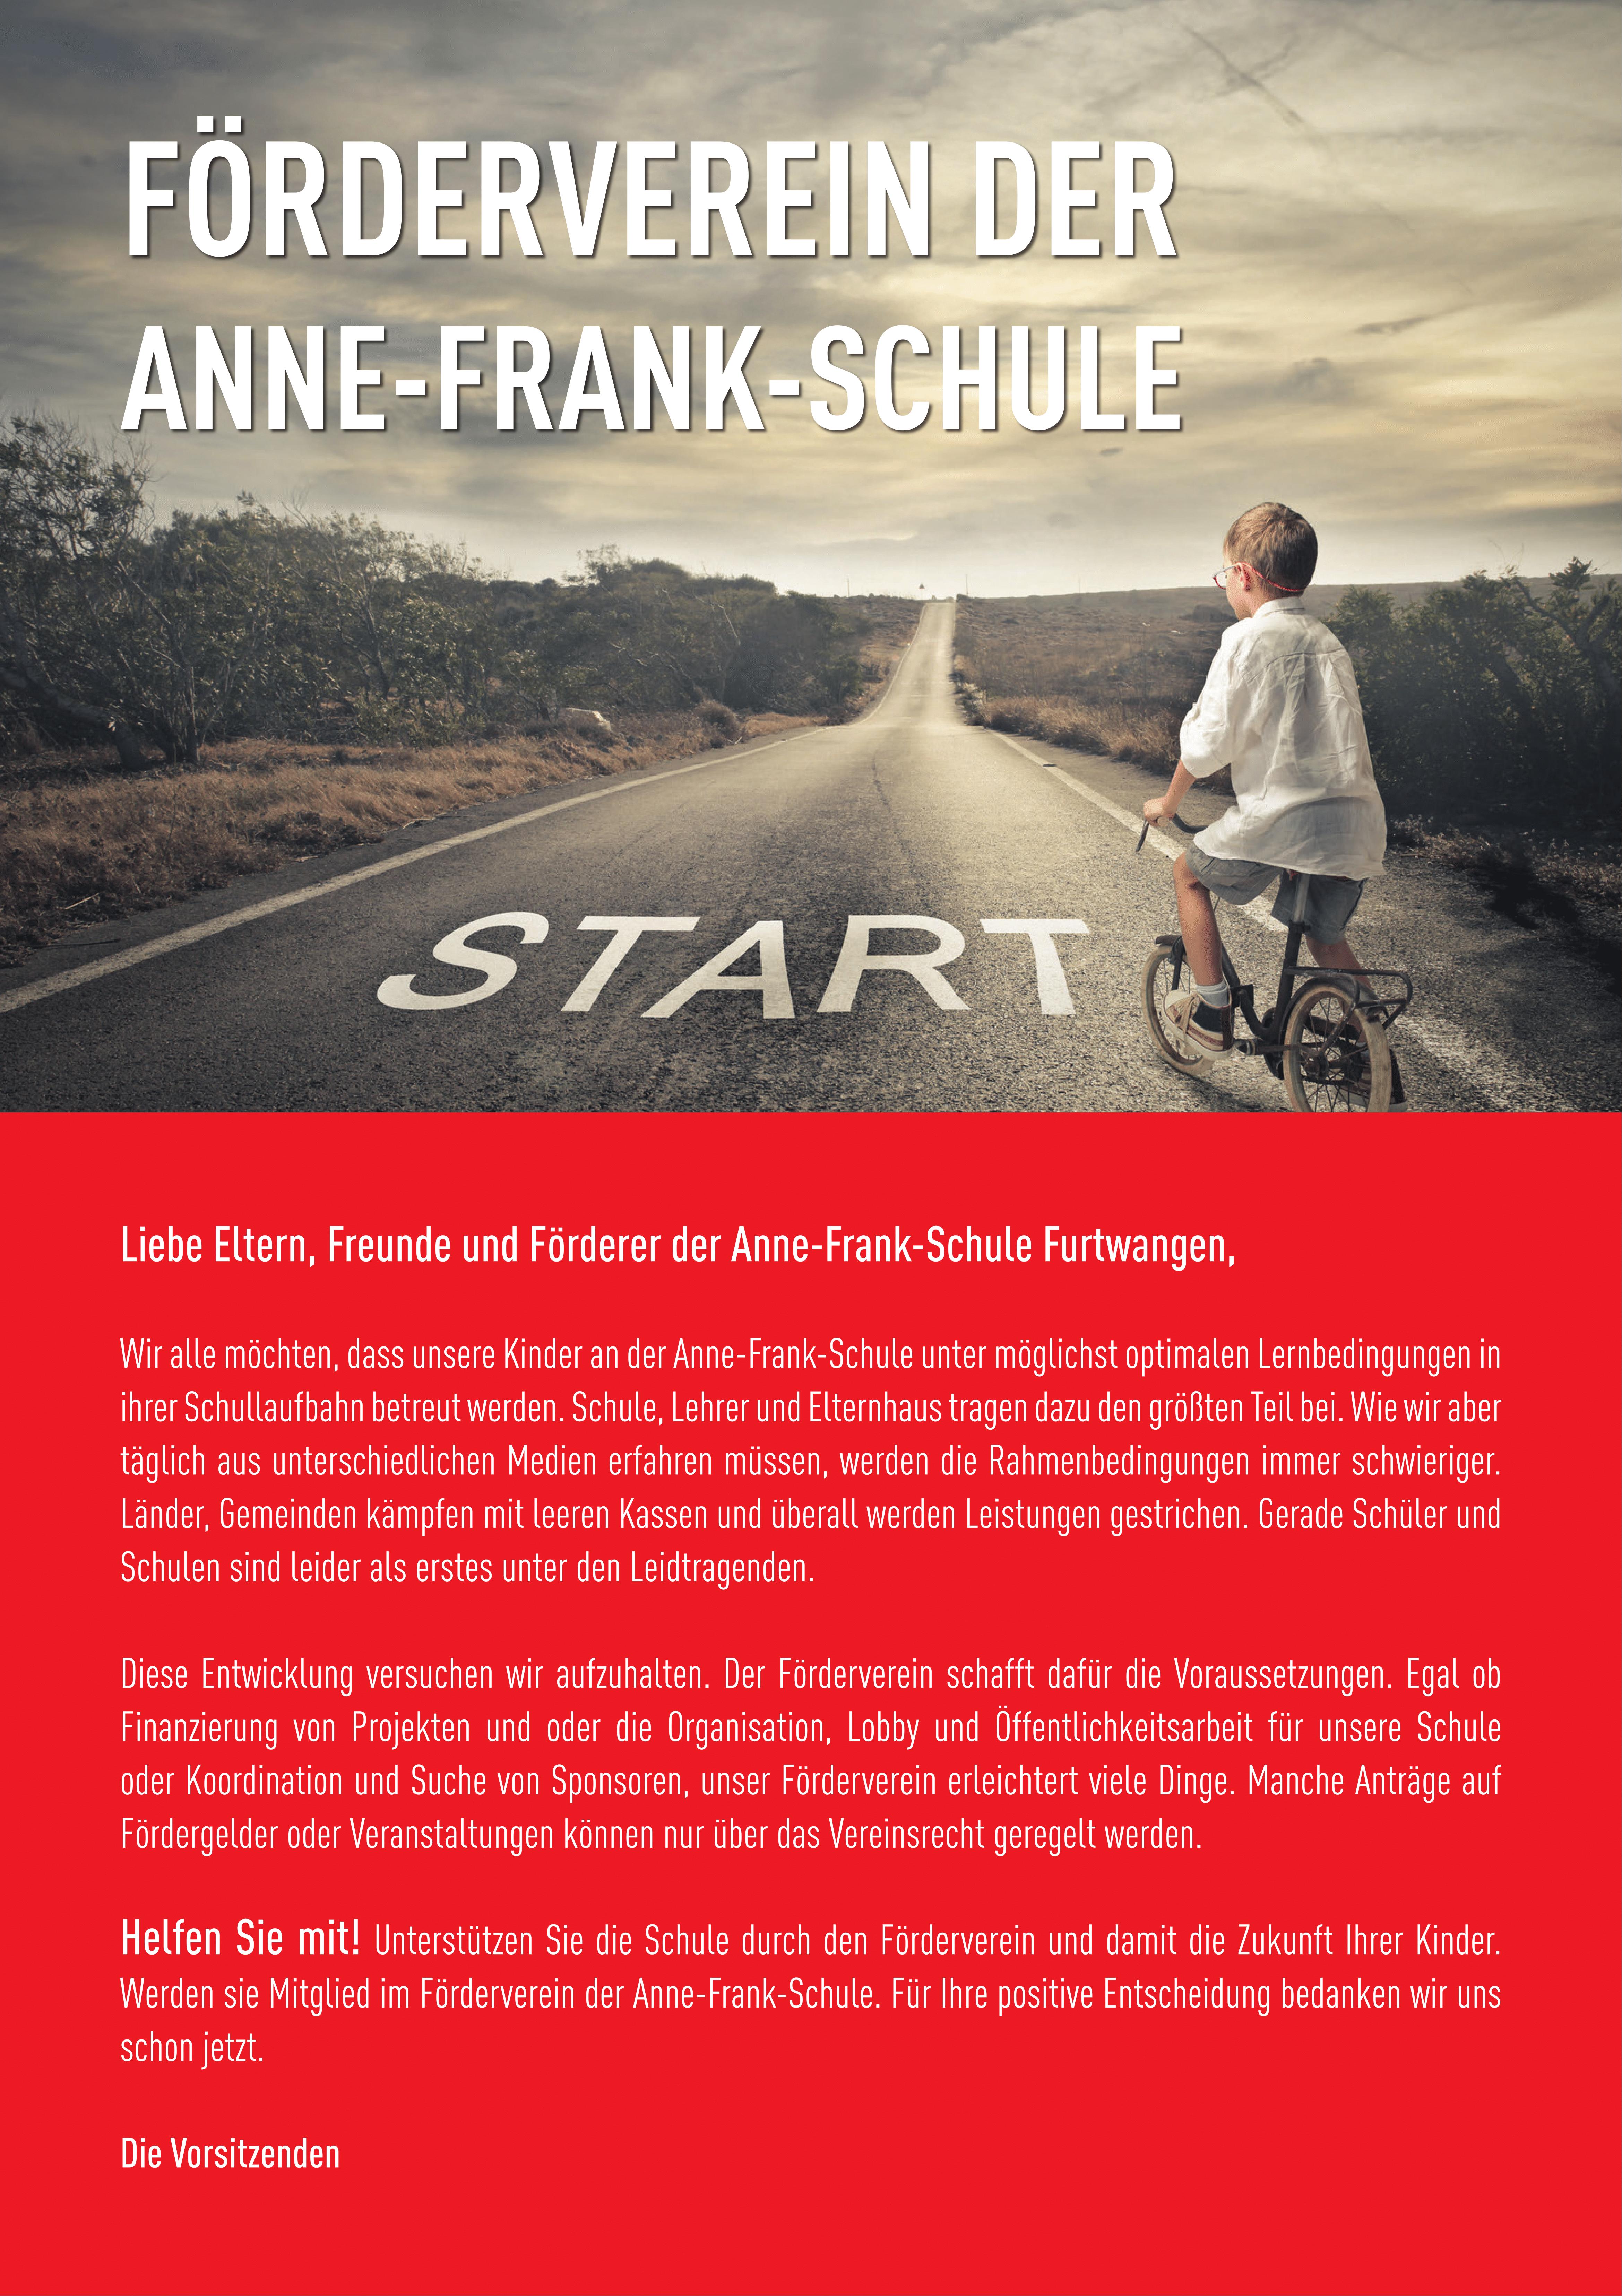 Das Plakat des Fördervereins der Anne Frank Grundschule